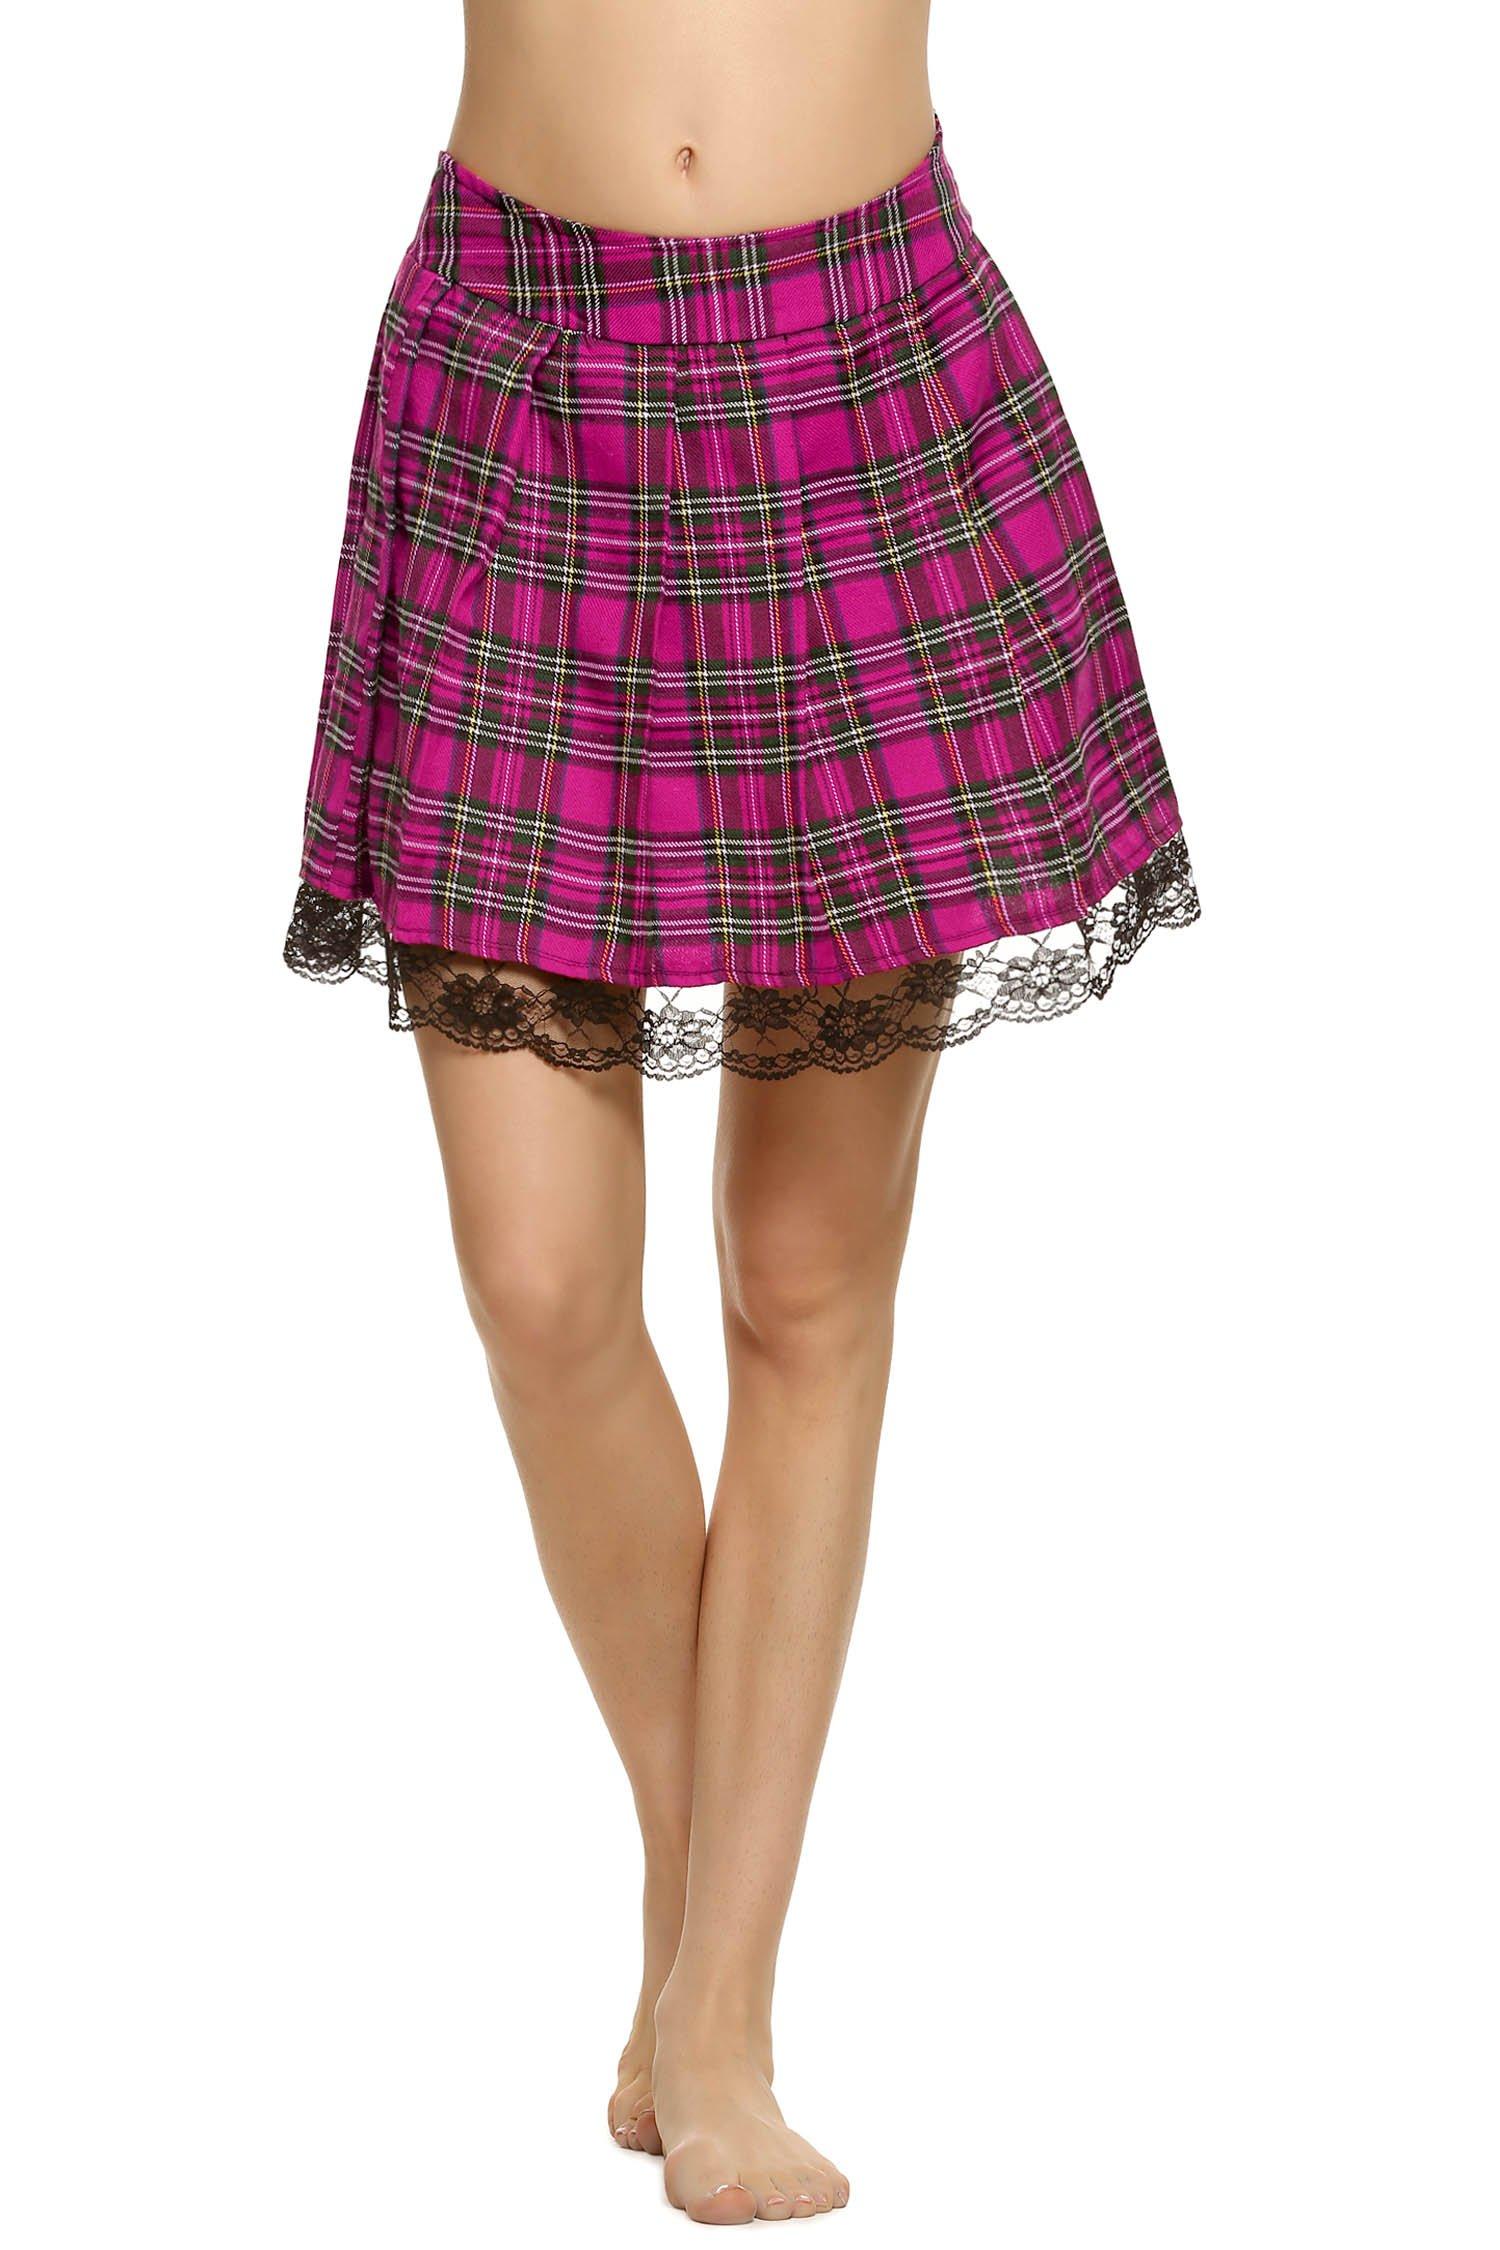 ELOVER Women's Vintage A-line Skirt Mini Plaid Skirt Printed Pleated Flared Midi Skirts